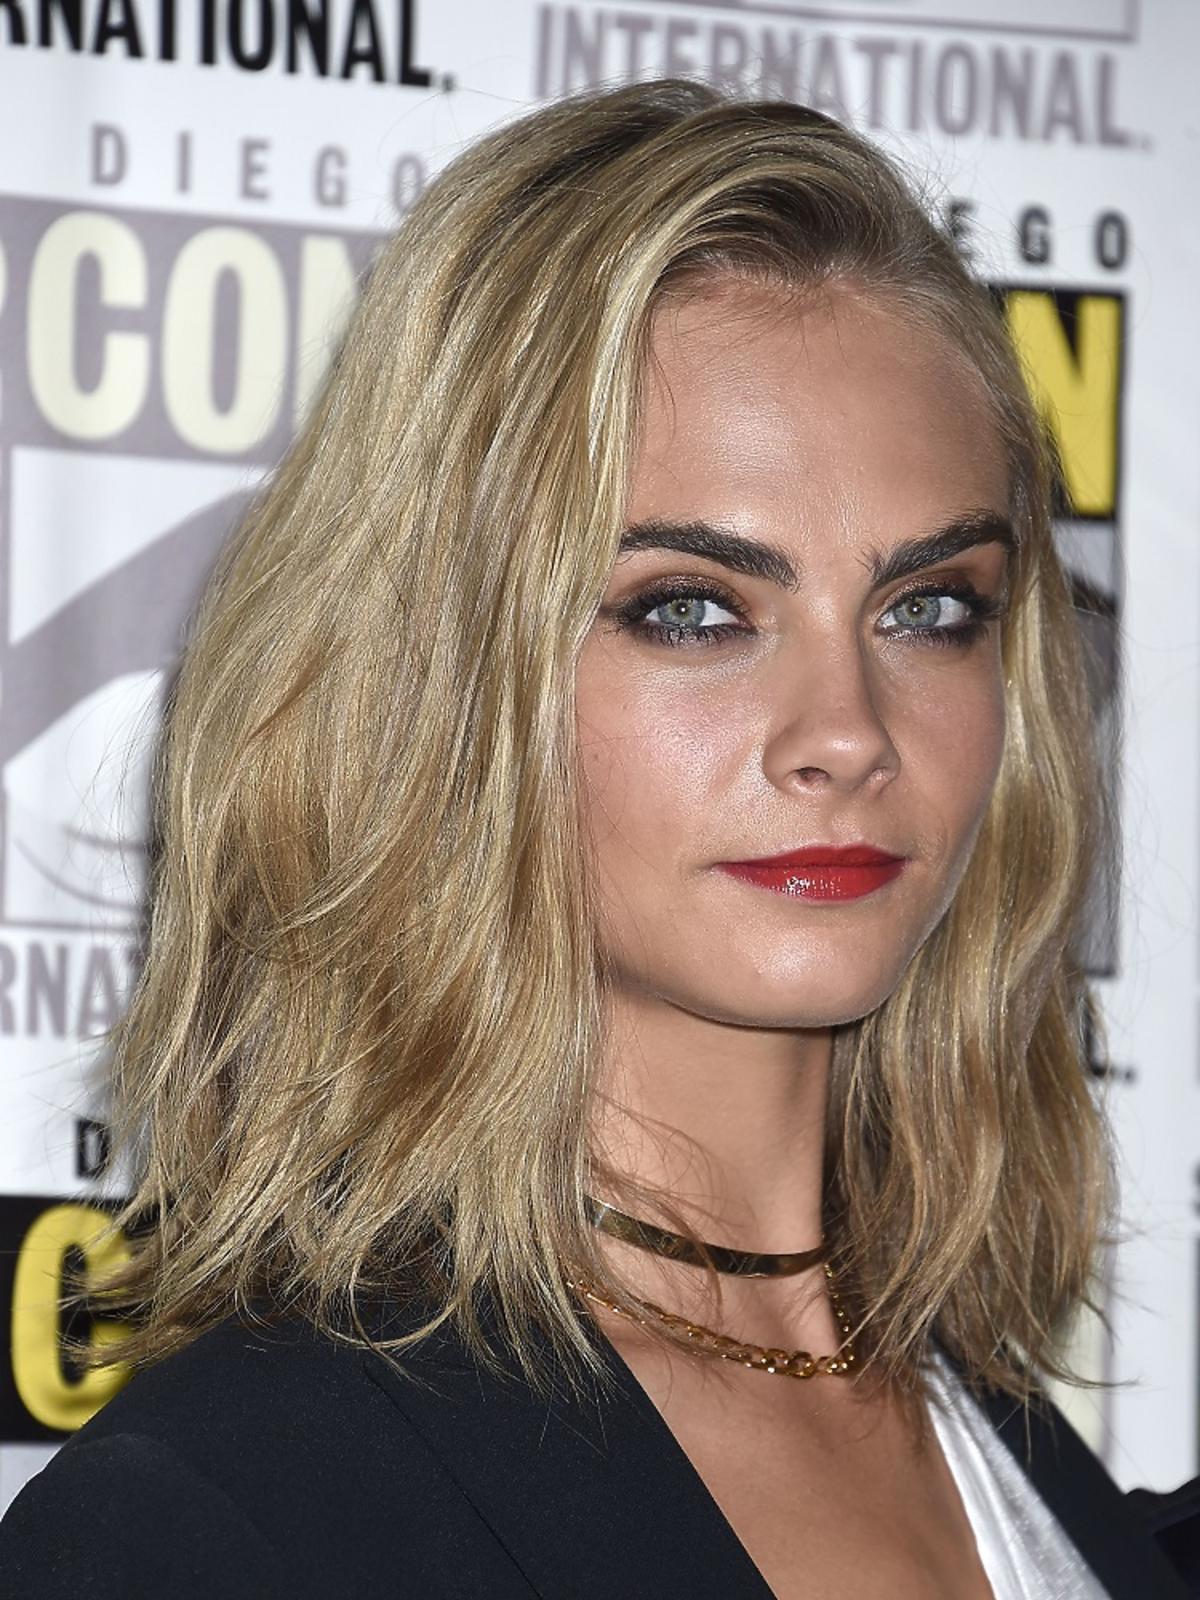 Cara Delevingne w krótszych włosach. Lepiej czy gorzej?